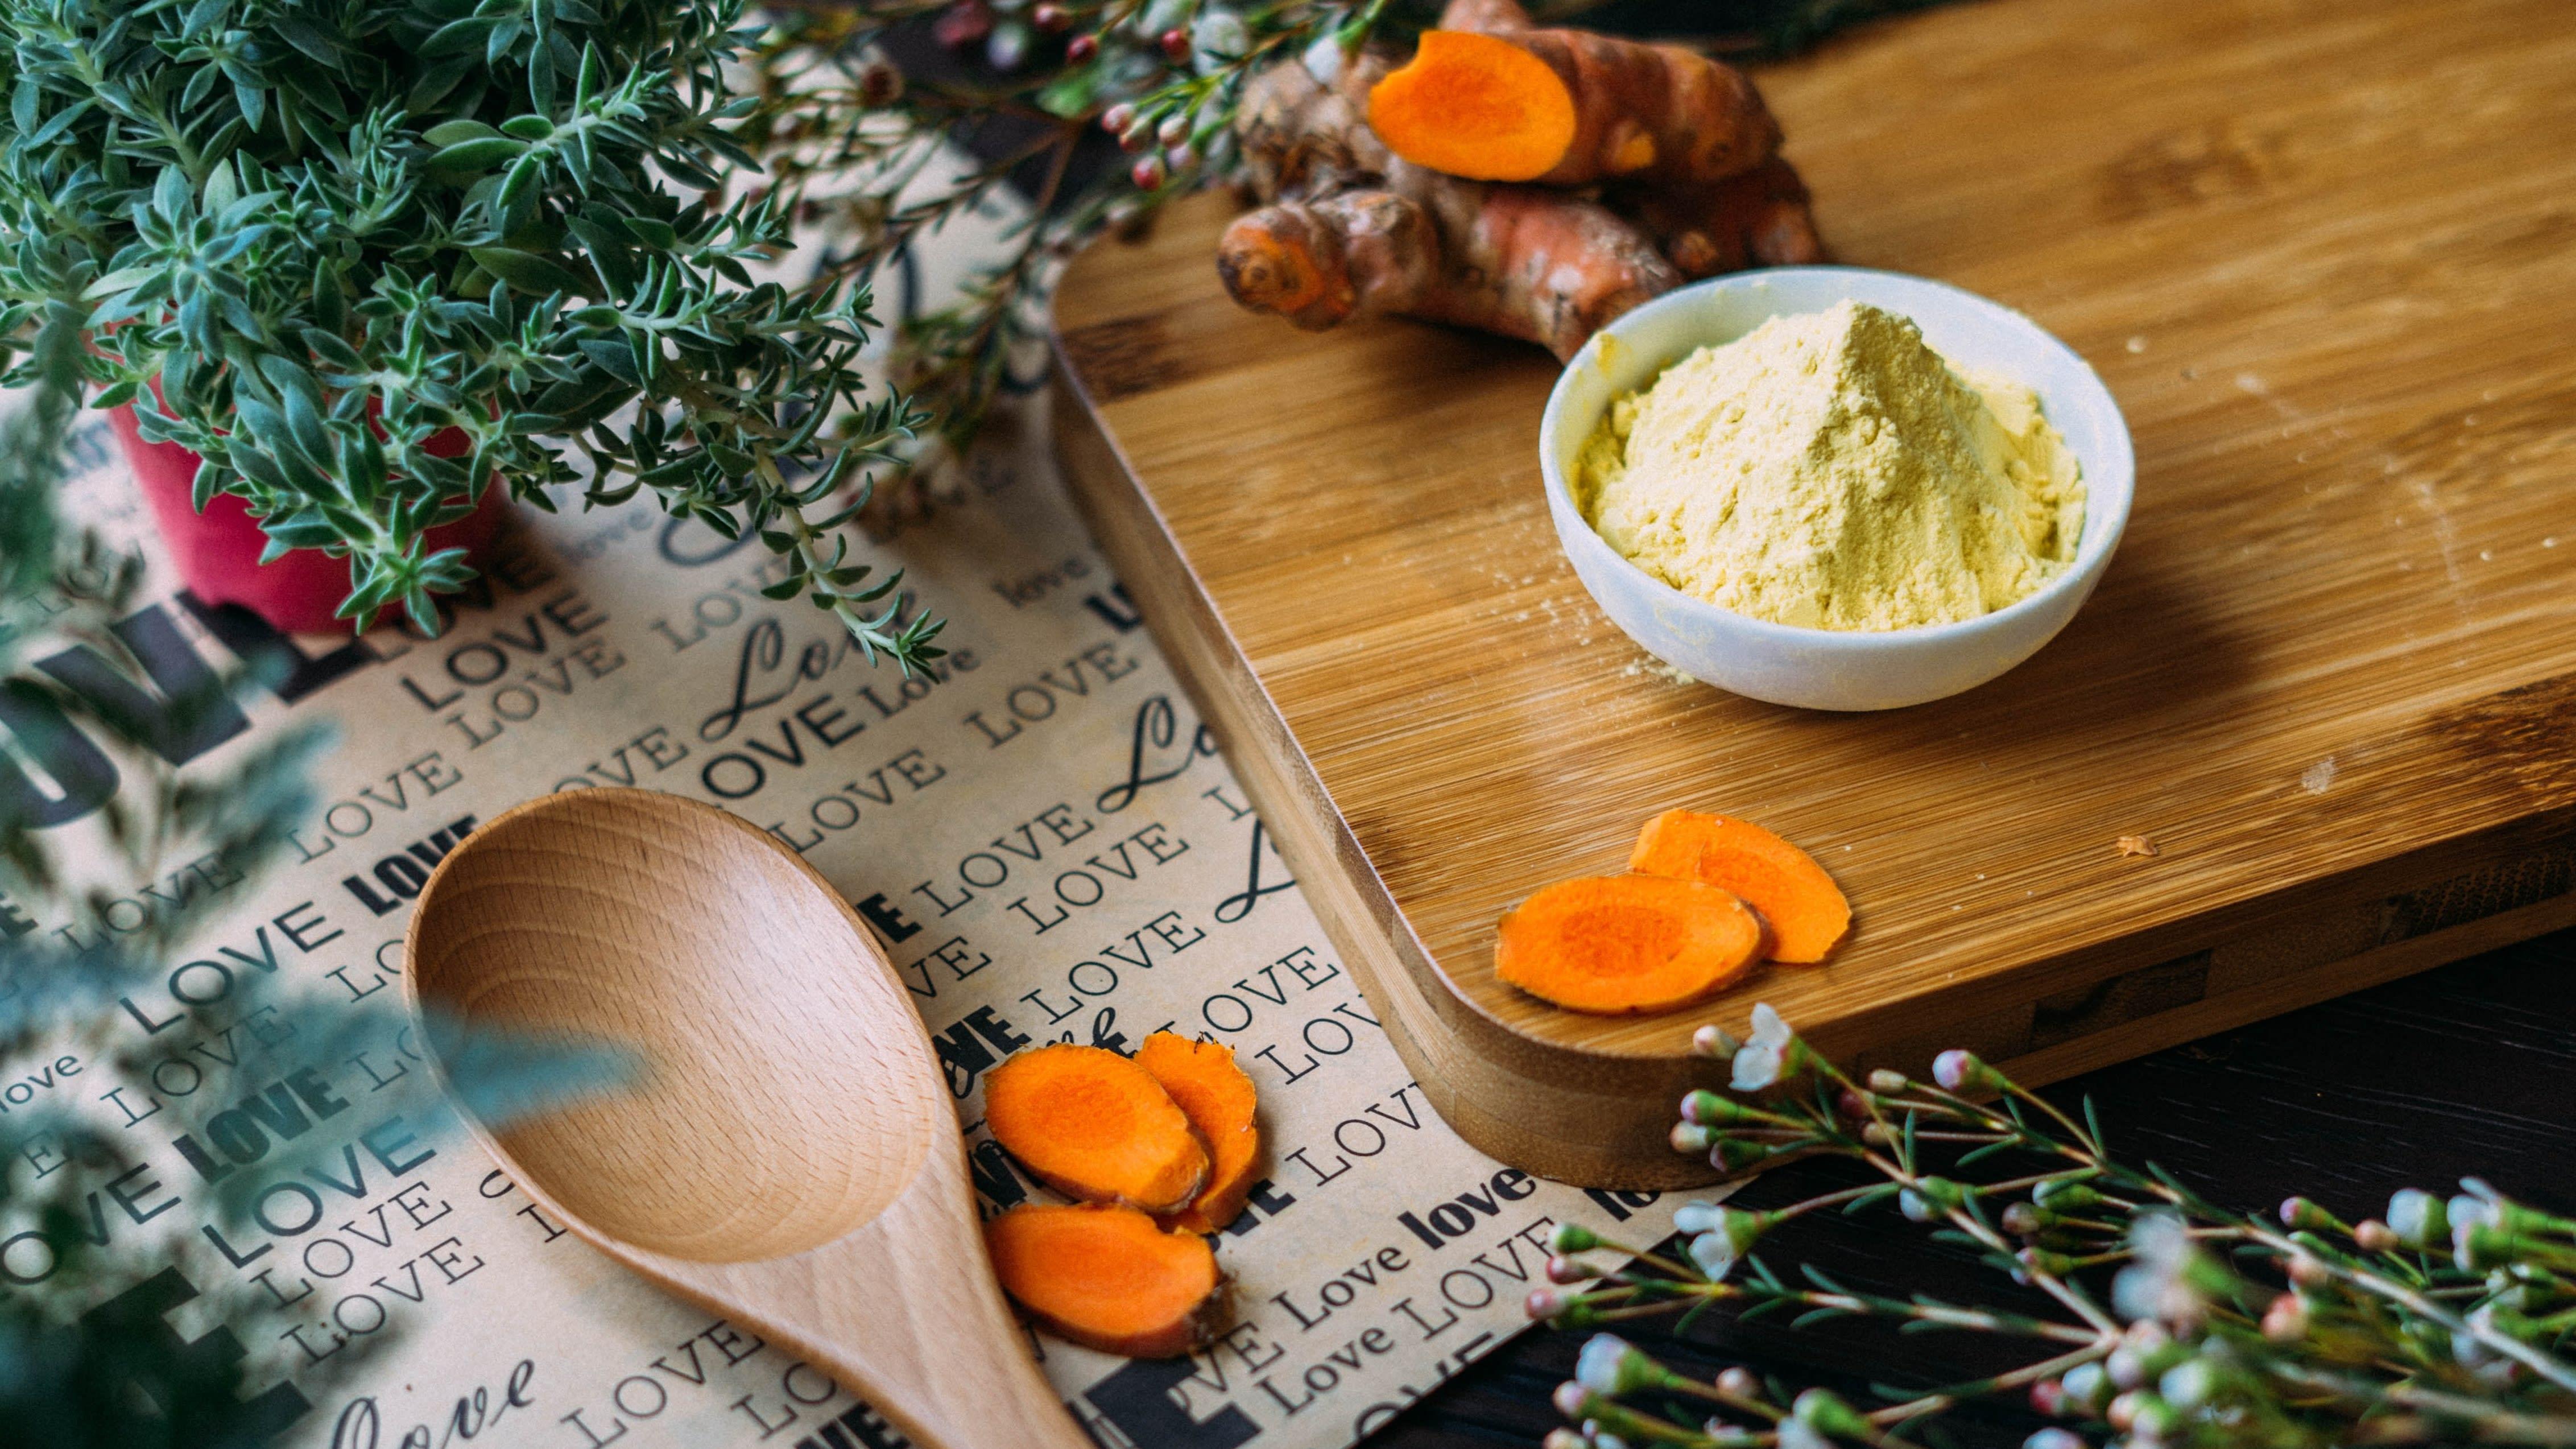 Mitä tulehduksia ehkäisevä ruokavalio on?